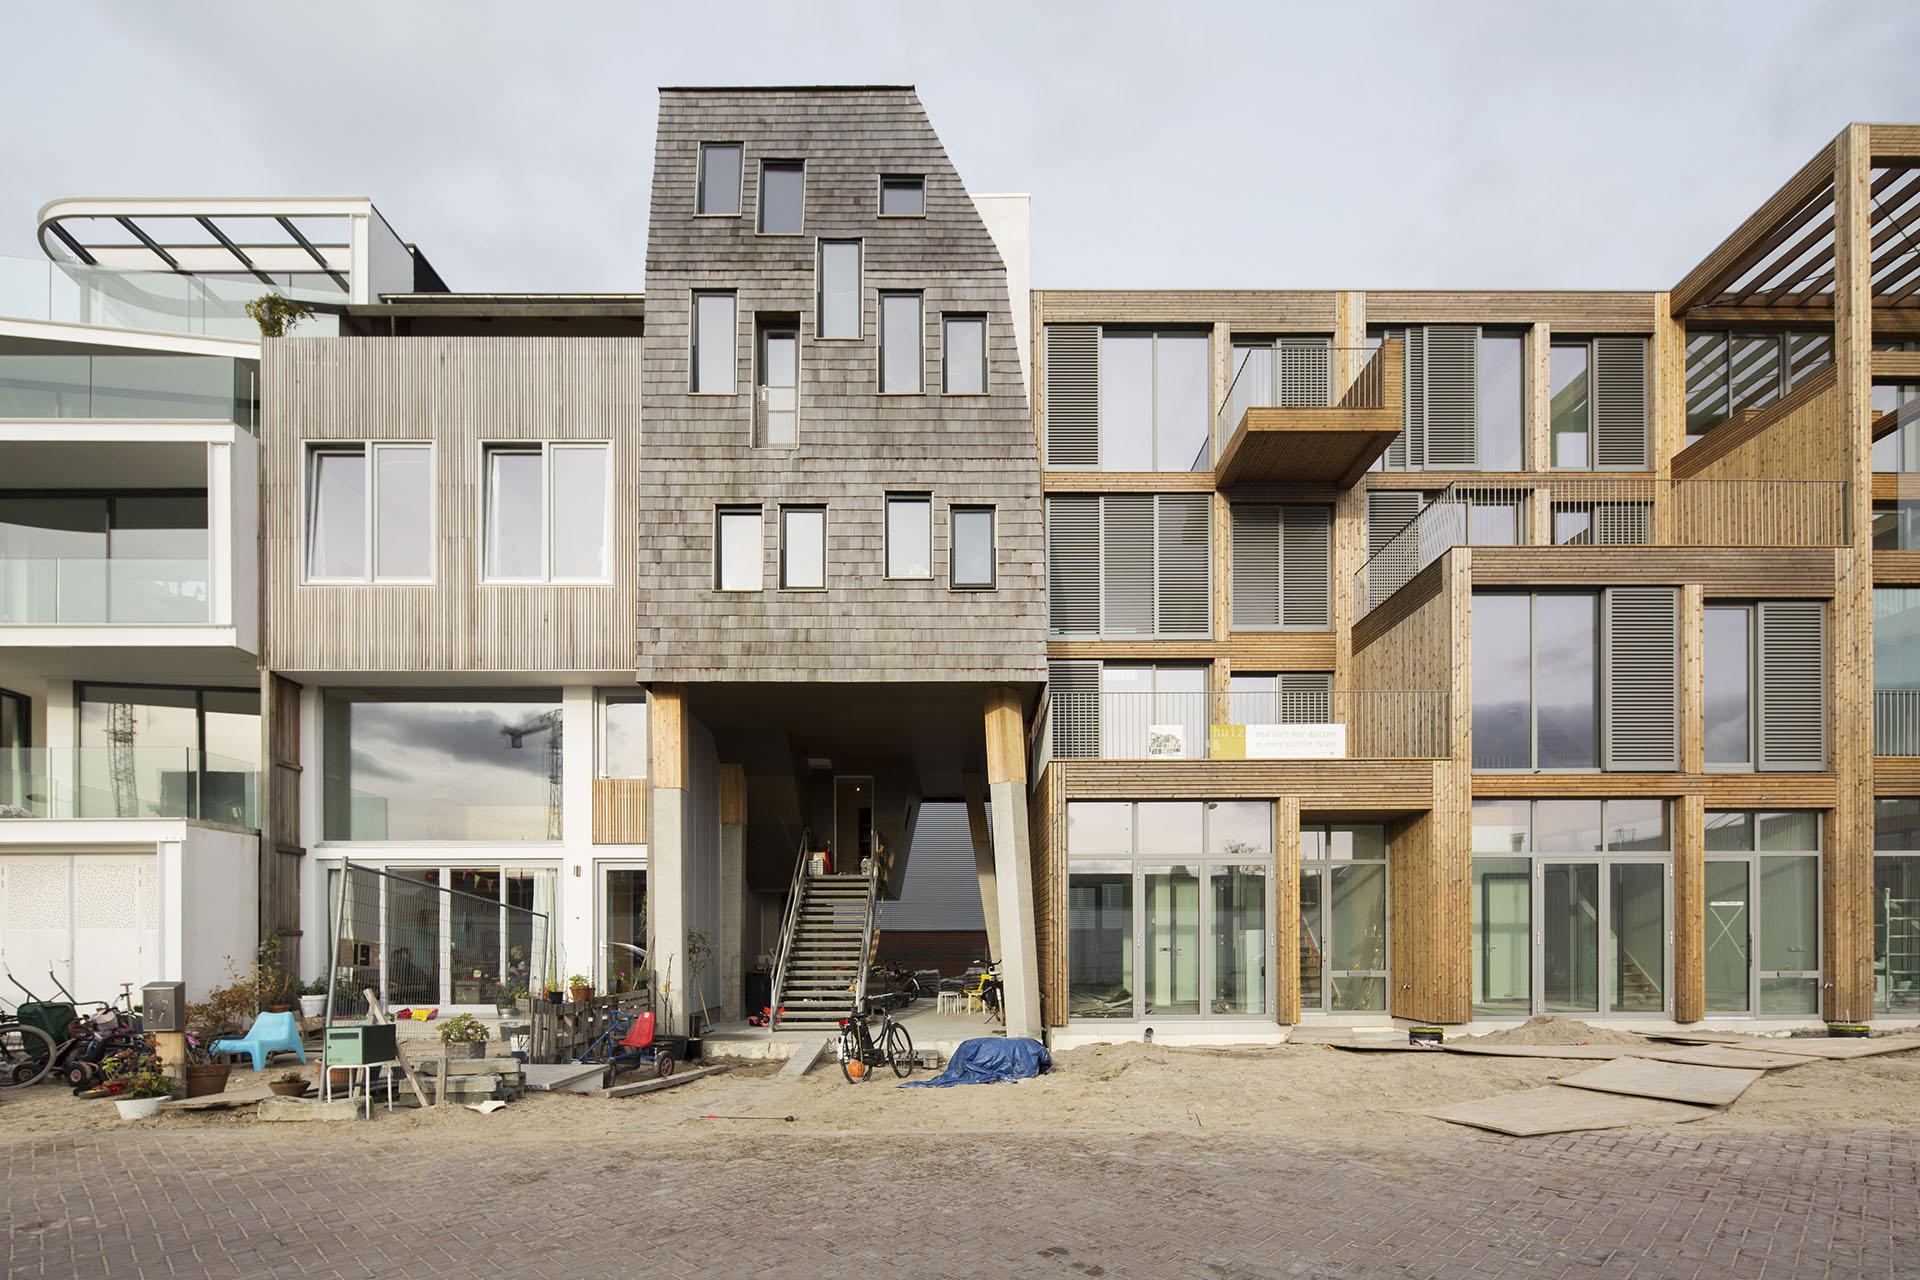 12-marc-koehler-amsterdam-simon-bosch-superlofts-architecture-architectuur-buiksloterham-ndsm-noord